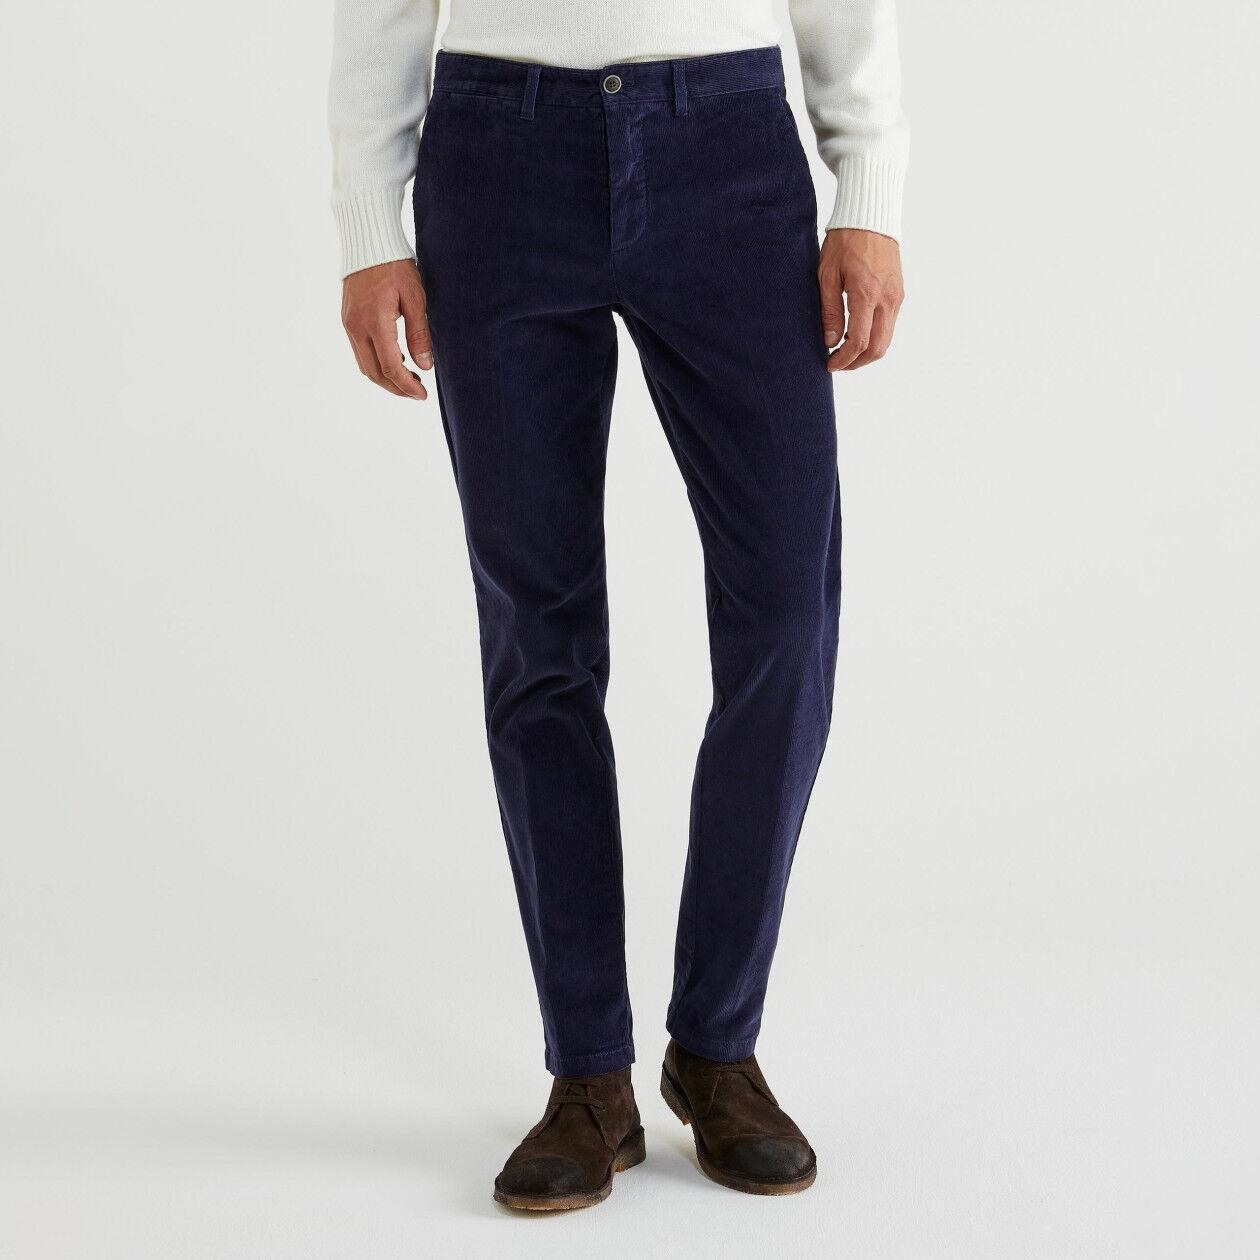 Παντελόνι slim fit από βελούδο